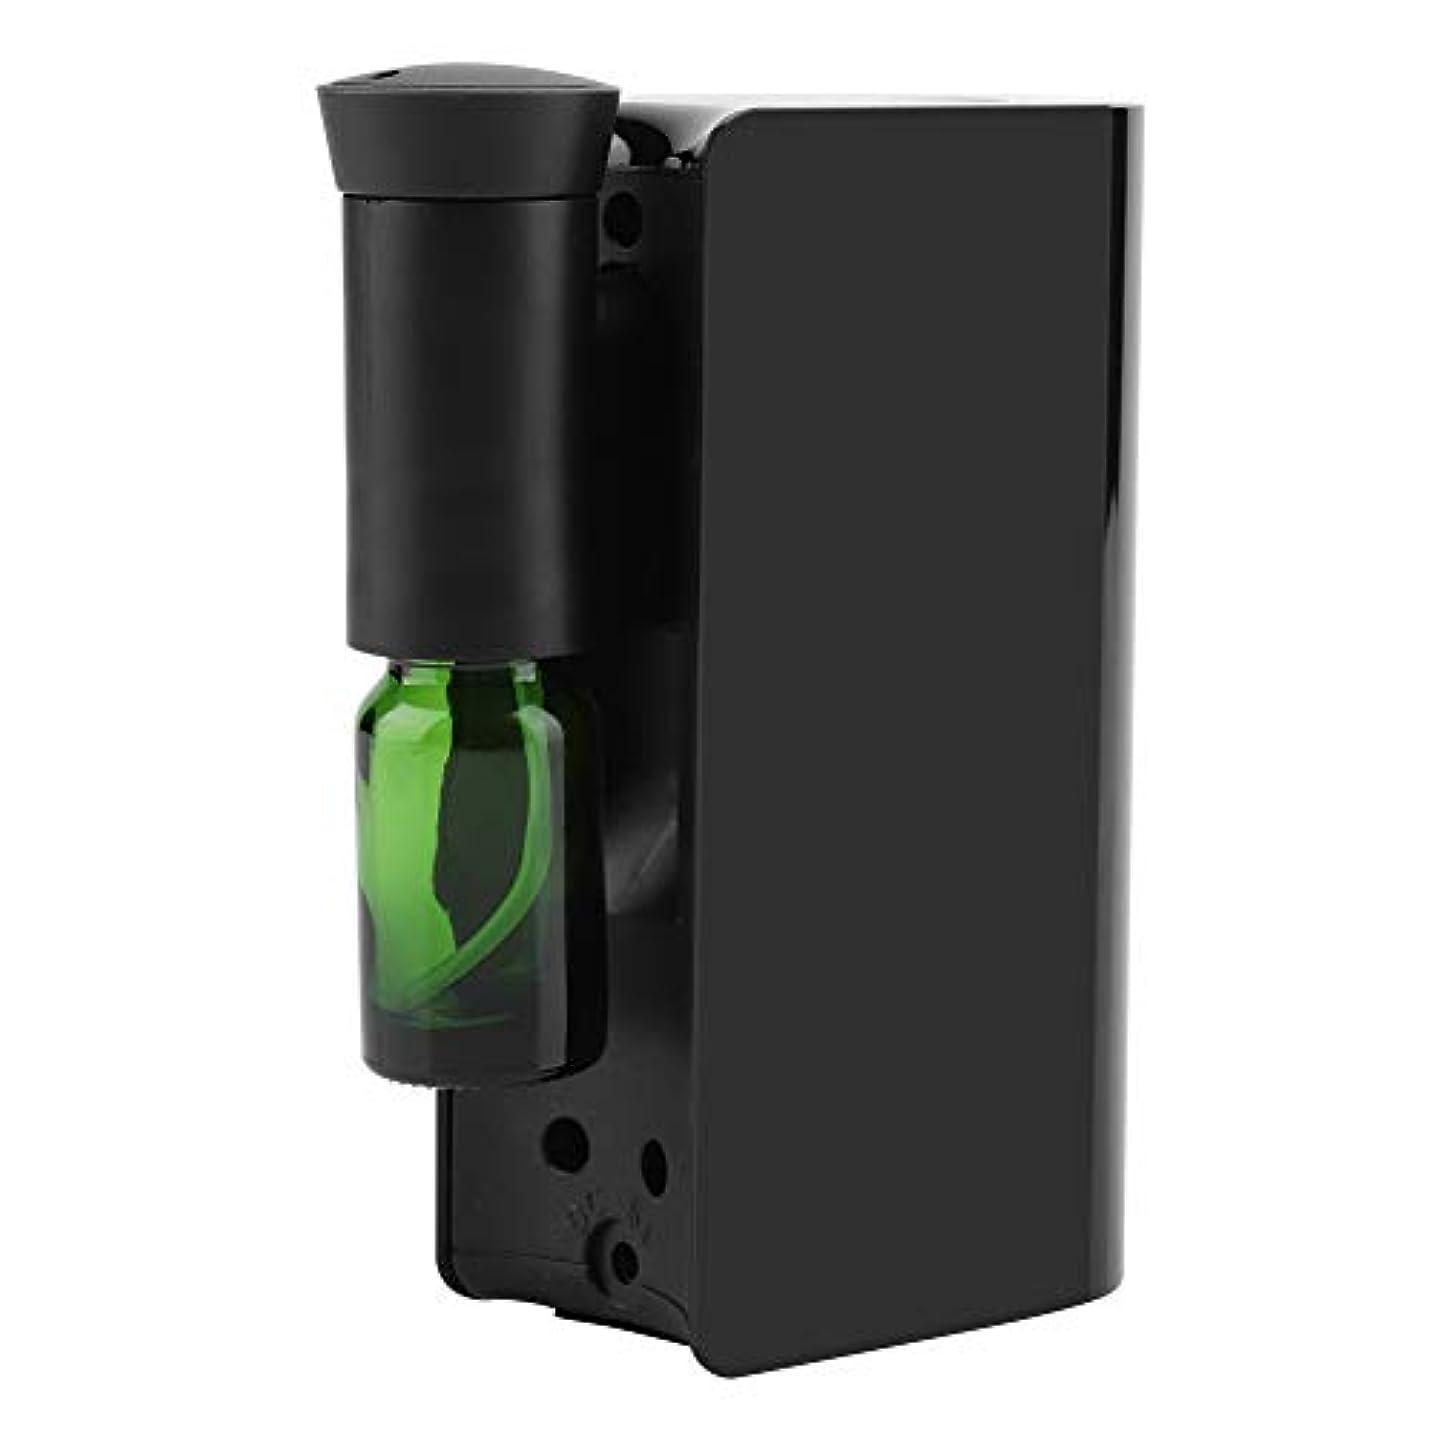 国歌閲覧するスチュワードエッセンシャルオイルディフューザー、100ml USB充電式クールミスト加湿器アロマオイル加湿器気化器アロマディフューザー(ブラック)